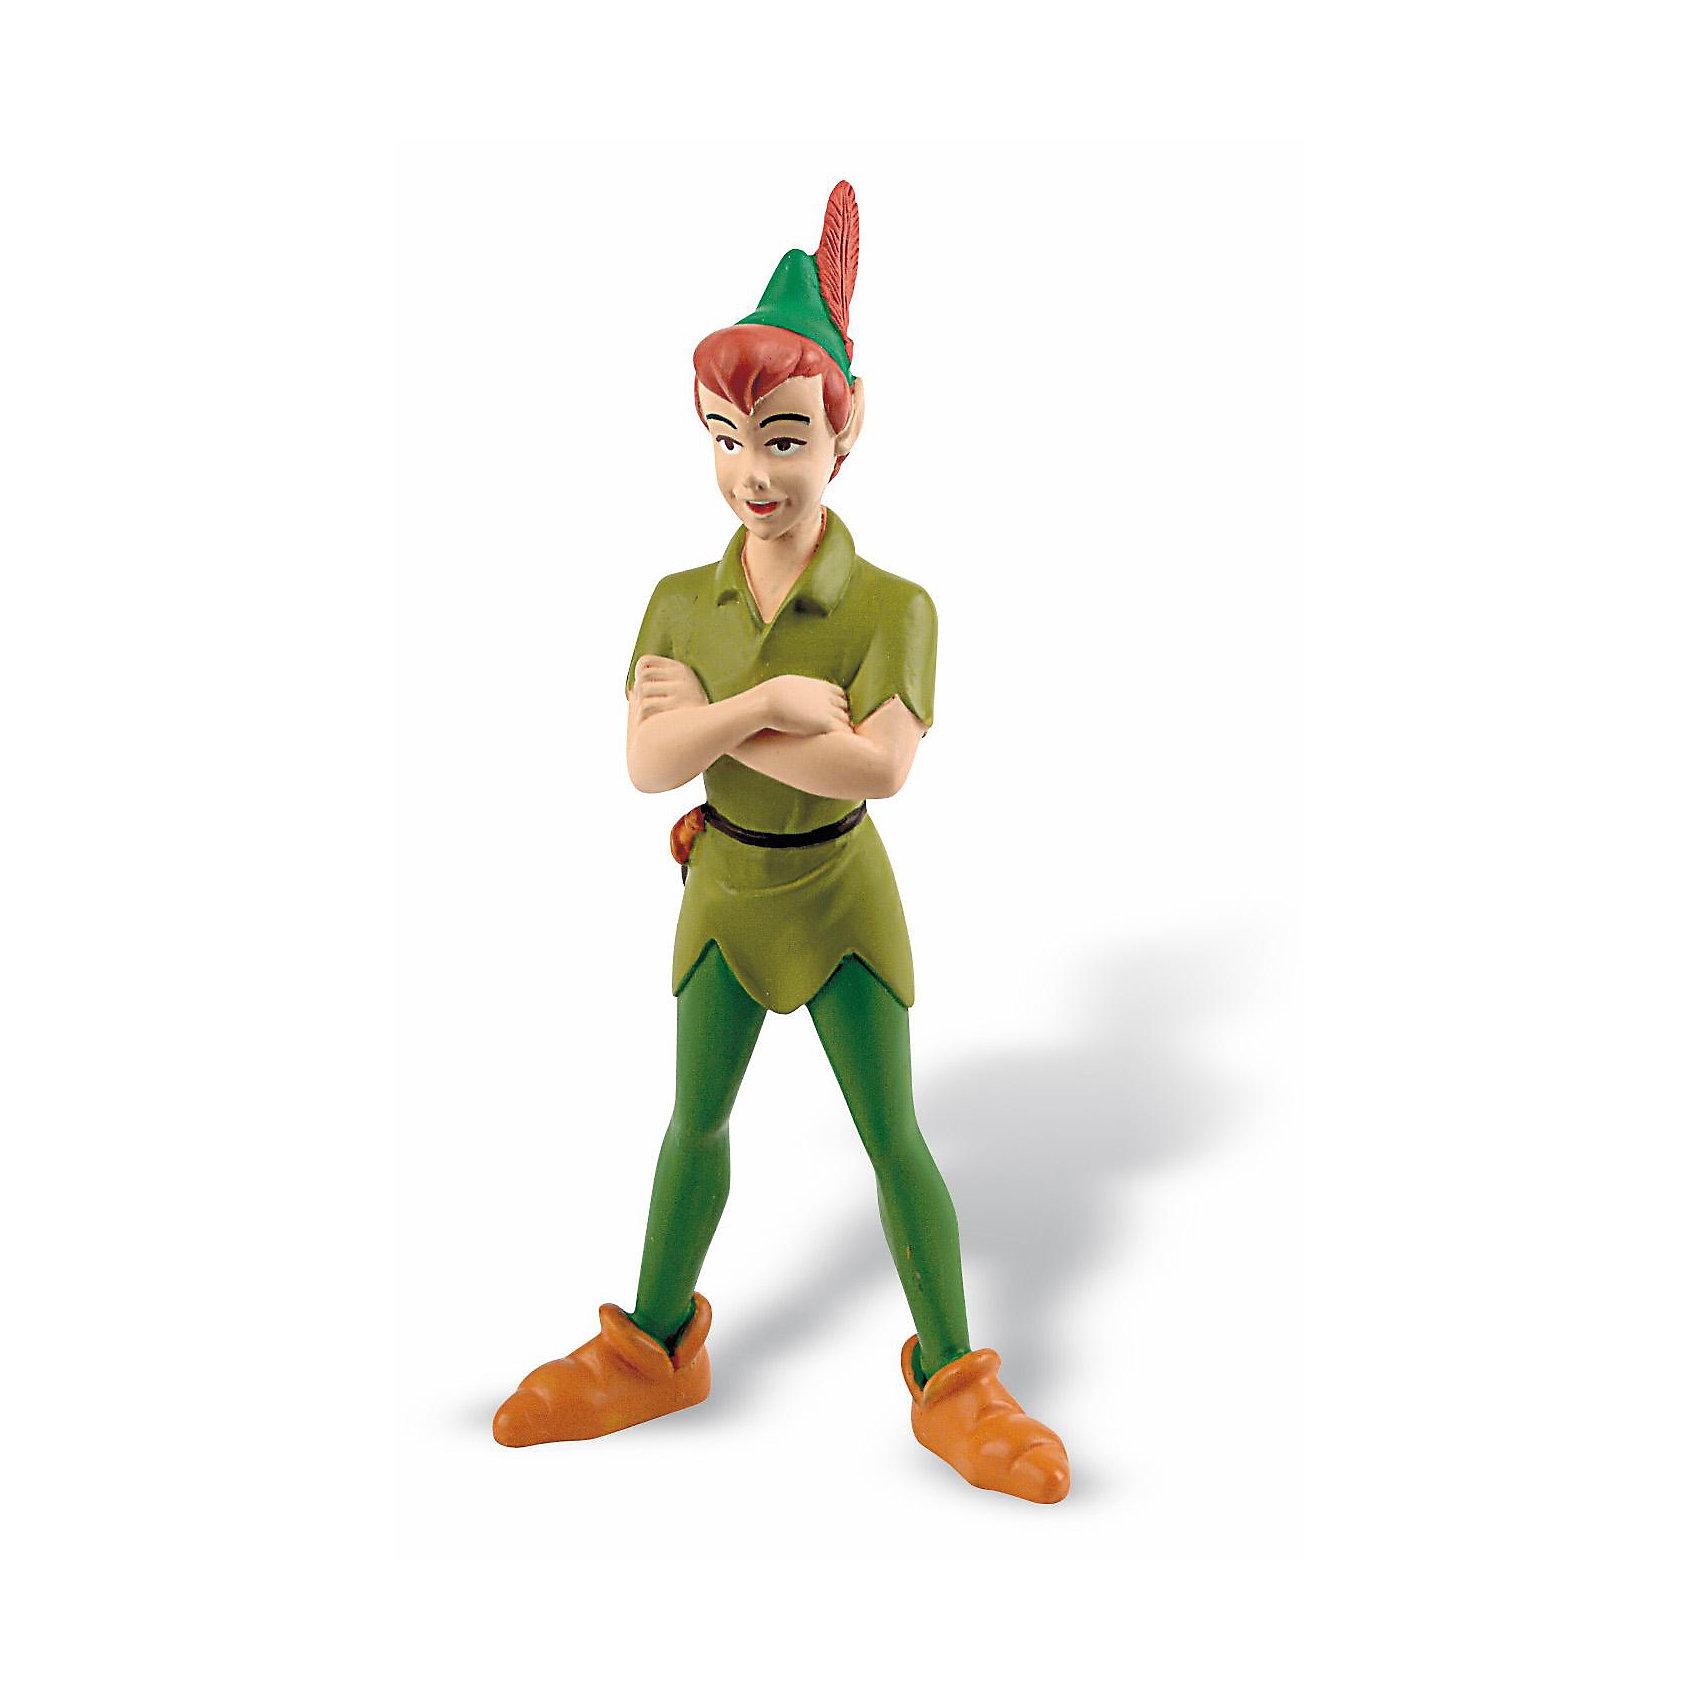 Фигурка Питер Пэн,  DisneyФигурка Питера Пэна из мультфильма студии Уолта Диснея «Питер Пэн». Мальчик, который не хочет взрослеть и всегда остается юным. Питер Пэн живет на острове, в компании пропавших вКенсингтонских садах мальчиков. У него есть собственная фея Динь-Динь. Злейший враг Питера Пэна – капитан Крюк. Фигурка Питера Пэна полностью соответствует его персонажу из мультфильма. Игрушка выполнена из высококачественных нетоксичных материалов, безопасна для детей. <br><br>Дополнительная информация:<br><br>Размер:9,5см <br>Материал: термопластичный каучук высокого качества. <br> <br><br>Фигурку Питер Пэн,  Disney можно купить в нашем магазине.<br><br>Ширина мм: 40<br>Глубина мм: 20<br>Высота мм: 95<br>Вес г: 30<br>Возраст от месяцев: 36<br>Возраст до месяцев: 1164<br>Пол: Унисекс<br>Возраст: Детский<br>SKU: 1985054